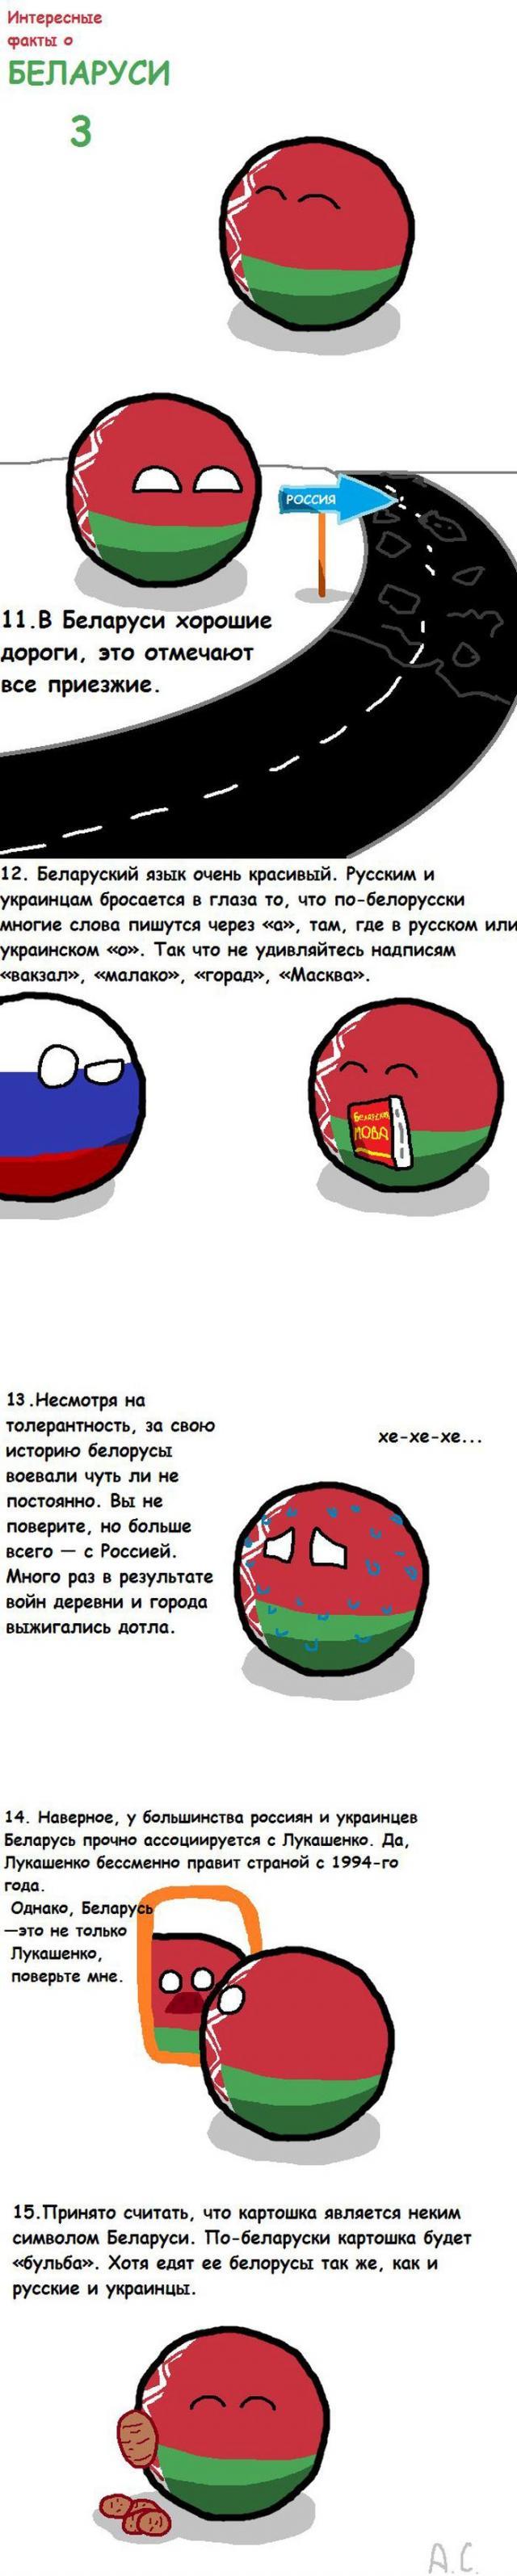 Доходчиво про Беларусь при помощи колобка